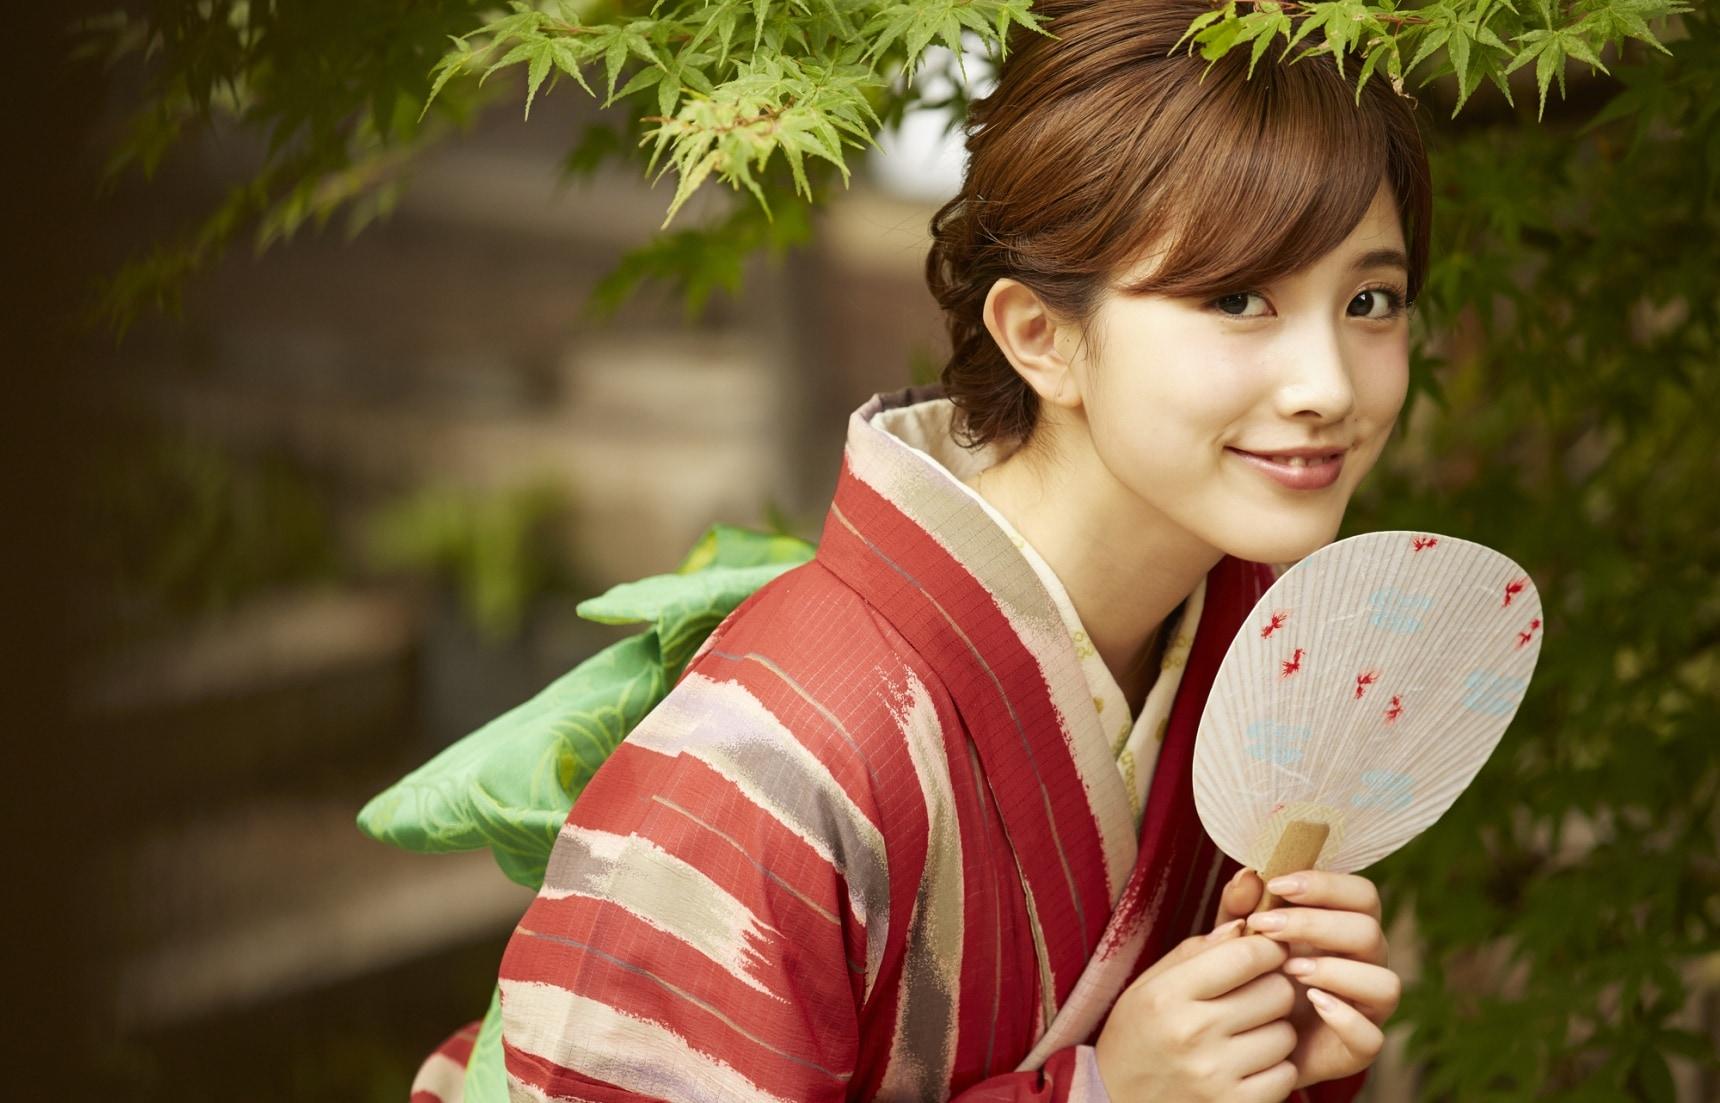 日本旅行:一秒变成日剧主人公!花样民宿,你不试一下?